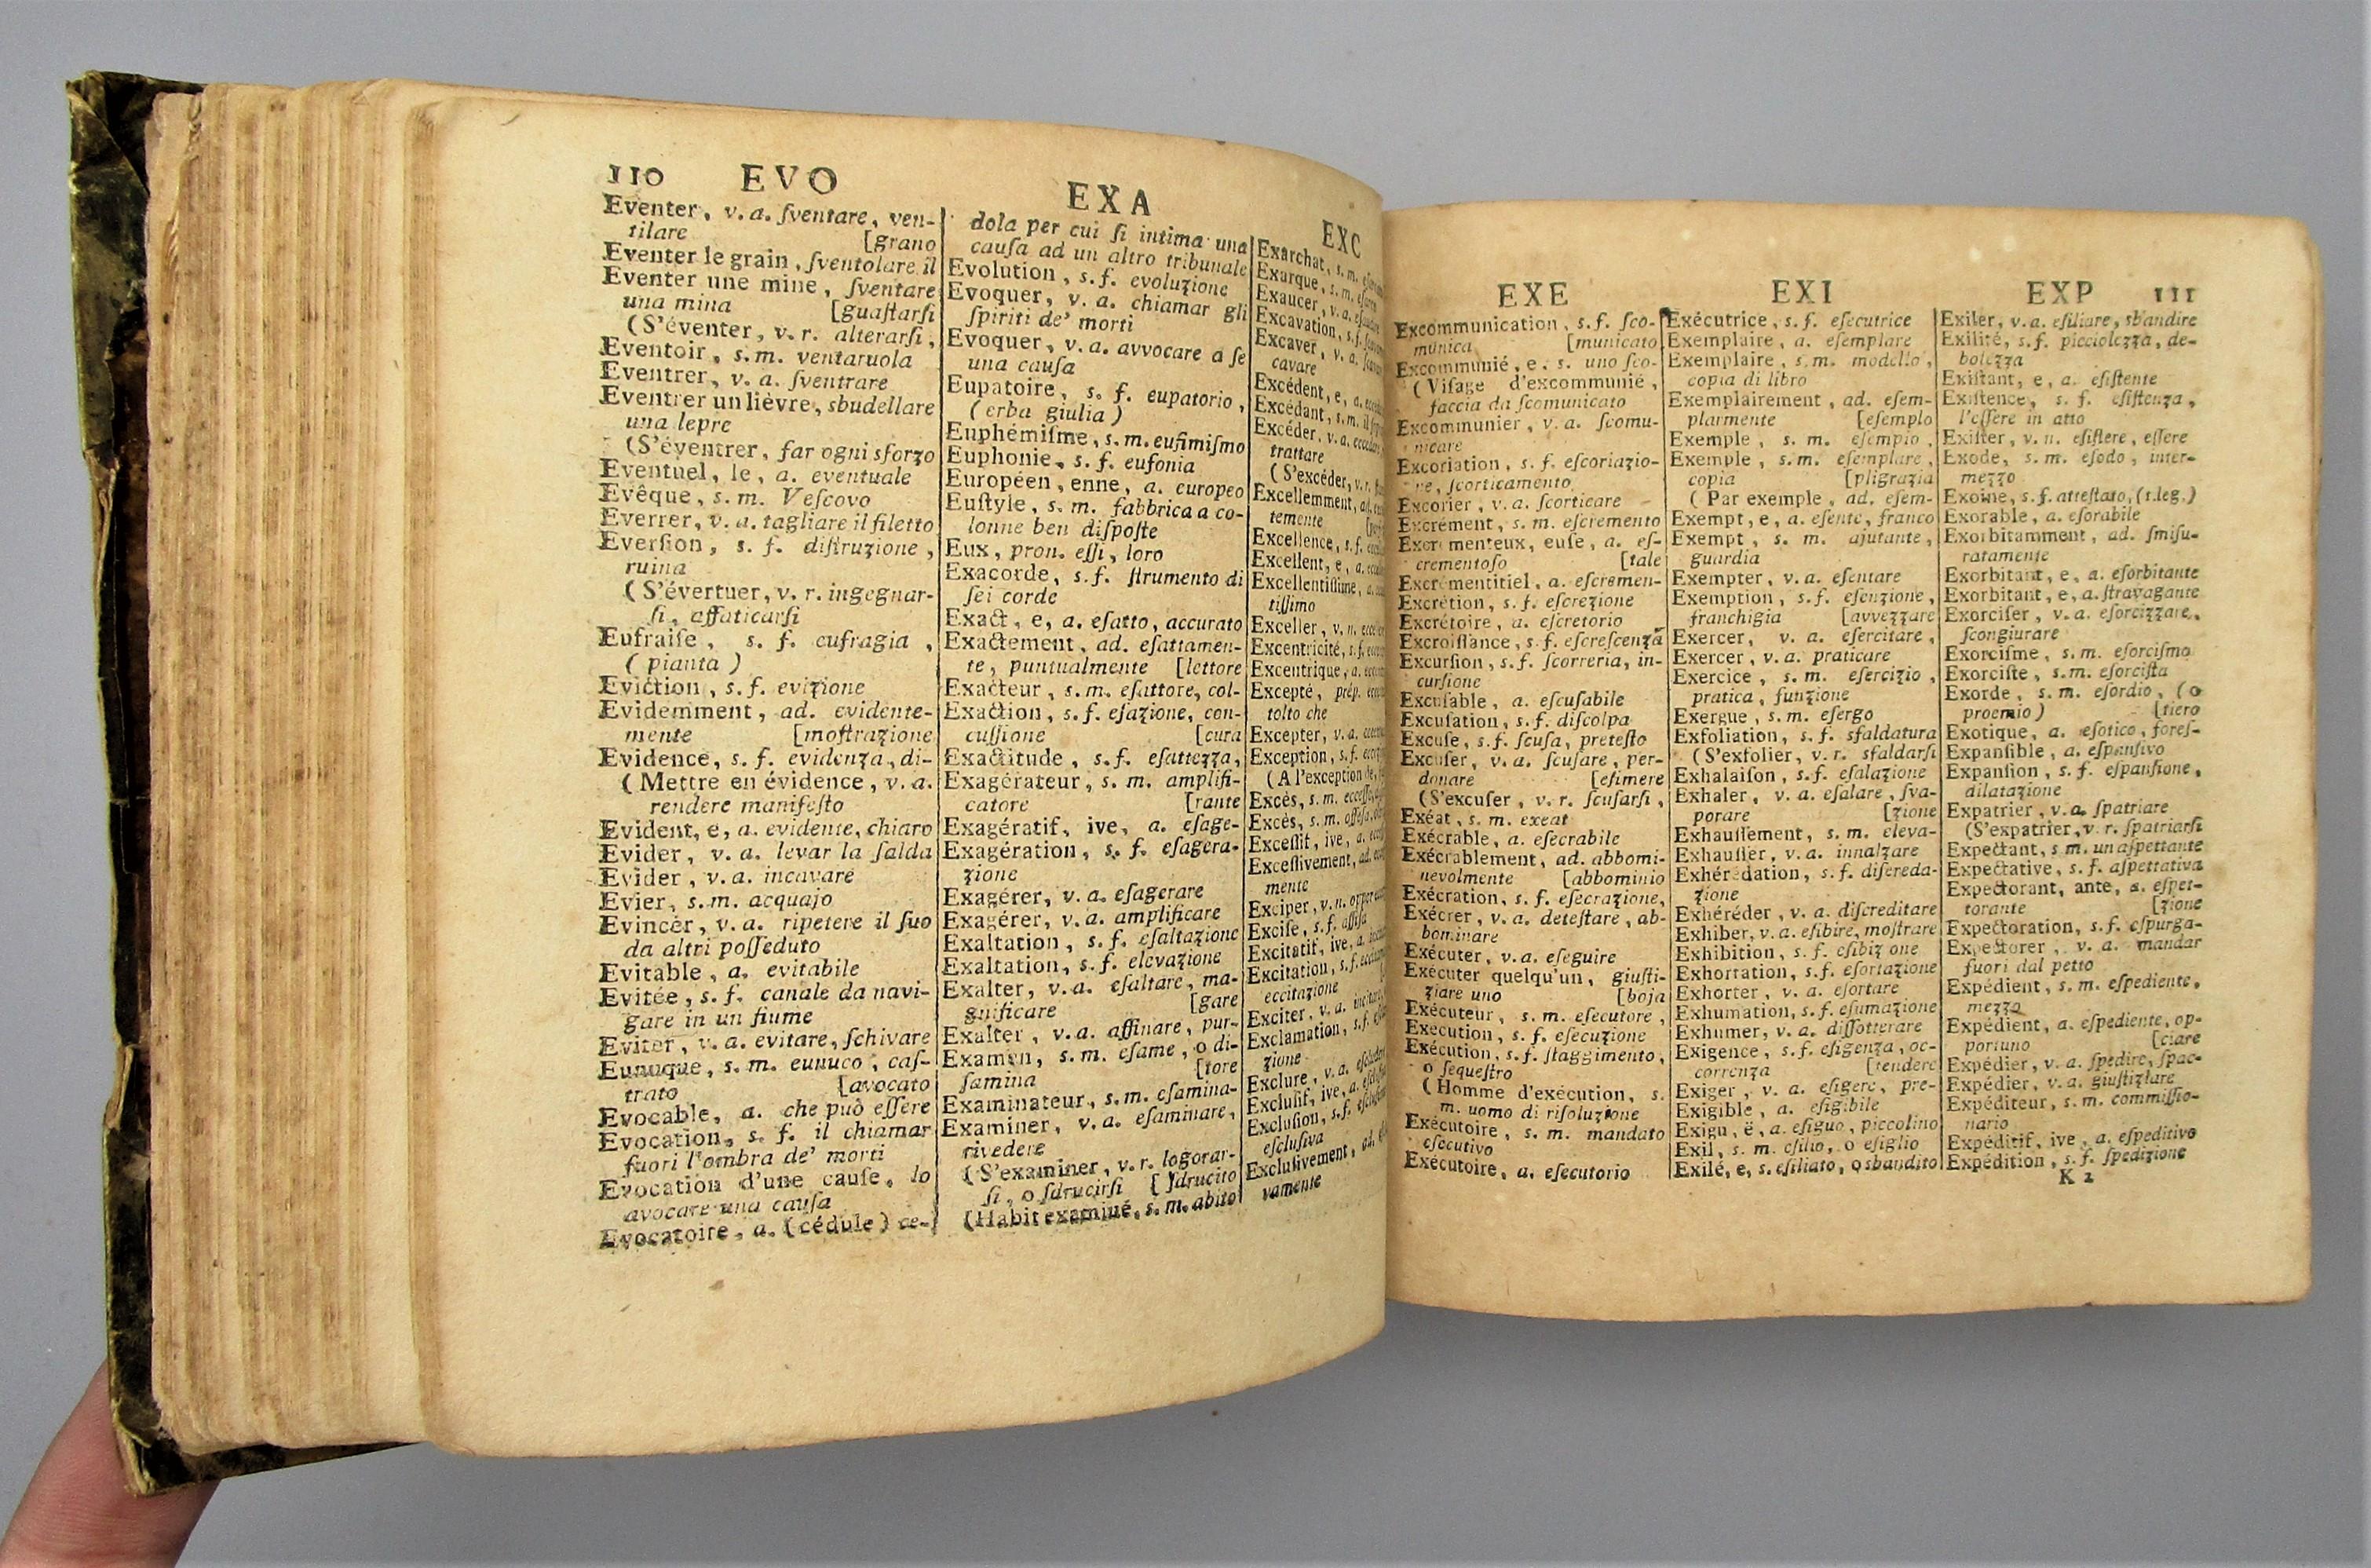 NOUVEAU DICTIONNAIRE PORTATIF FRANCOIS-ITALIEN by - 1810 [French/Italian]